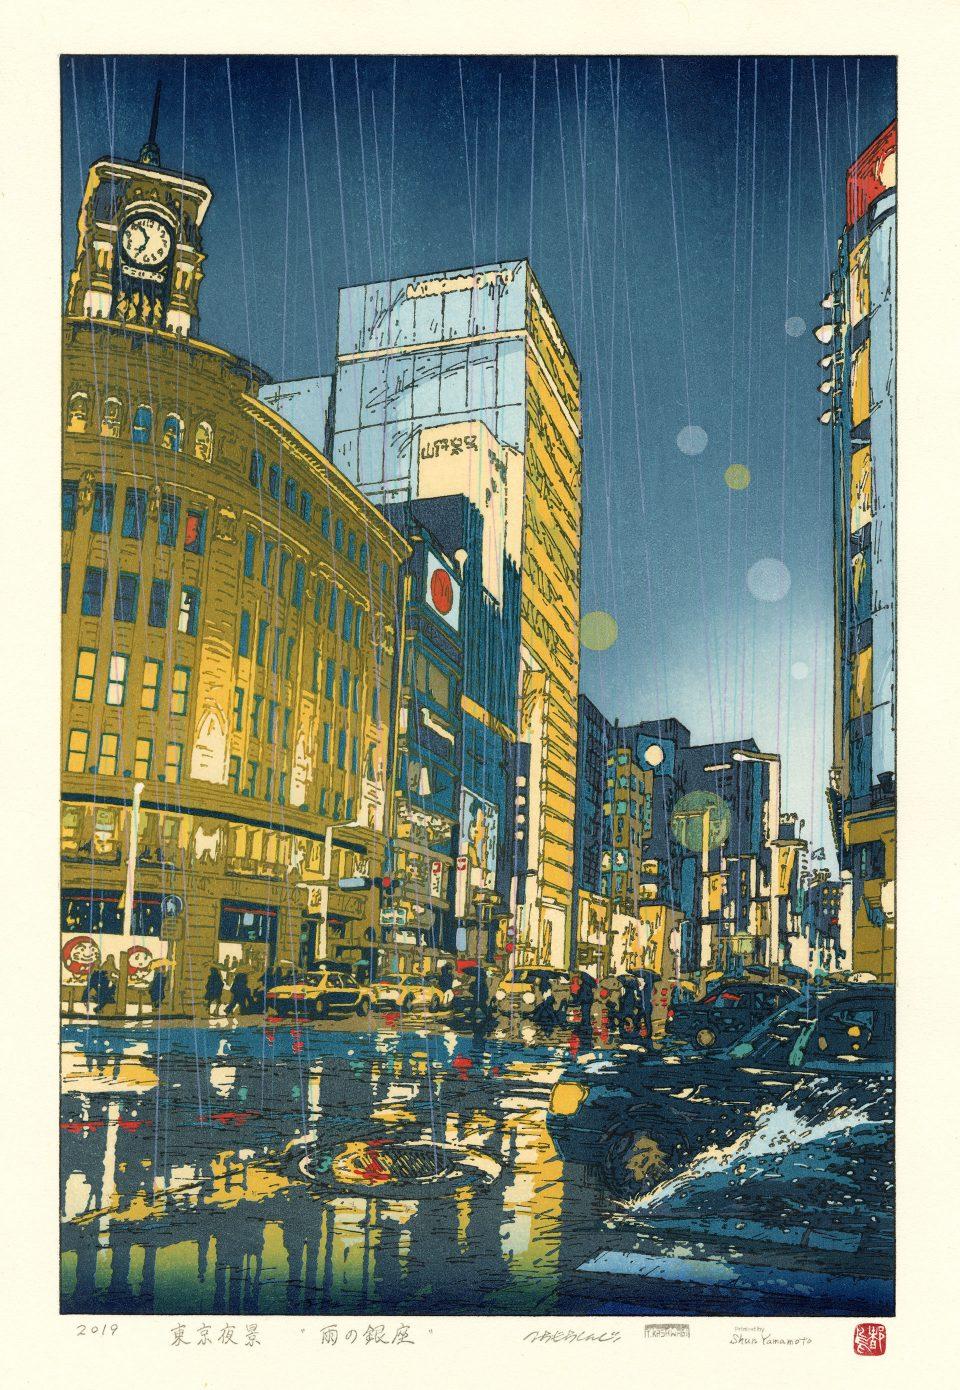 完成した版画作品『雨の銀座/東京夜景』